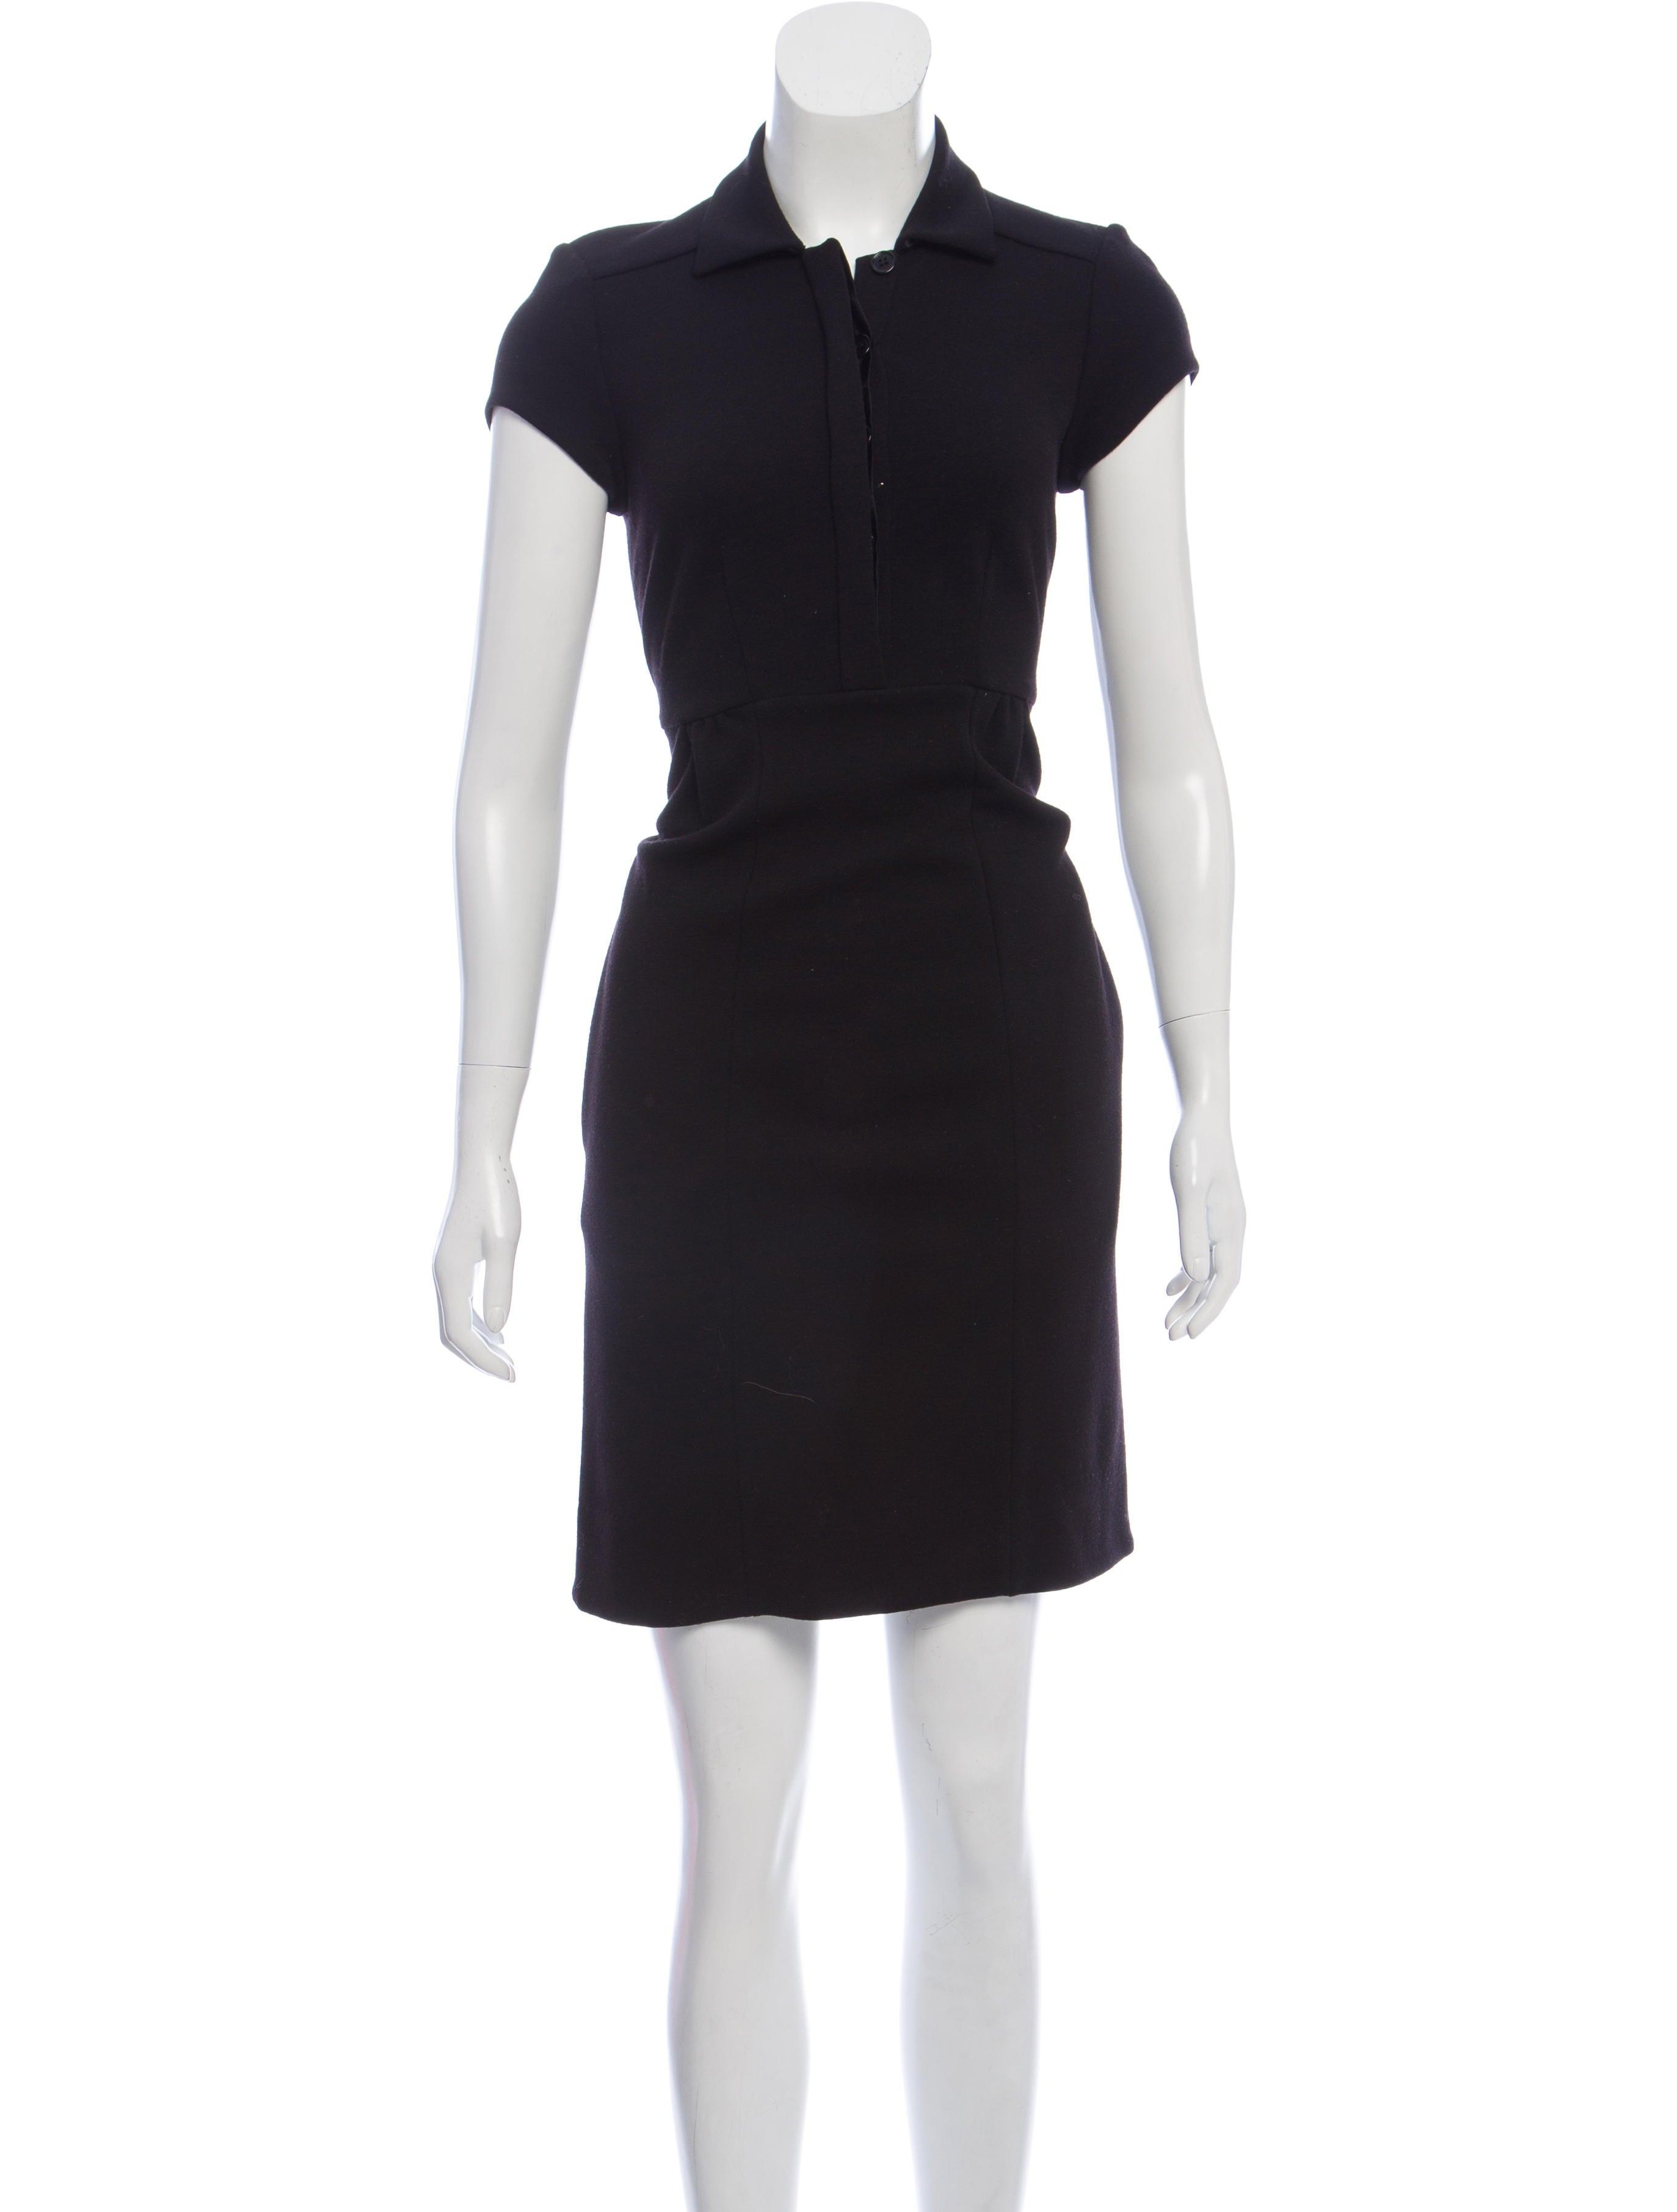 Diane von Furstenberg Bund Mini Dress - Clothing -           WDI177215 | The RealReal